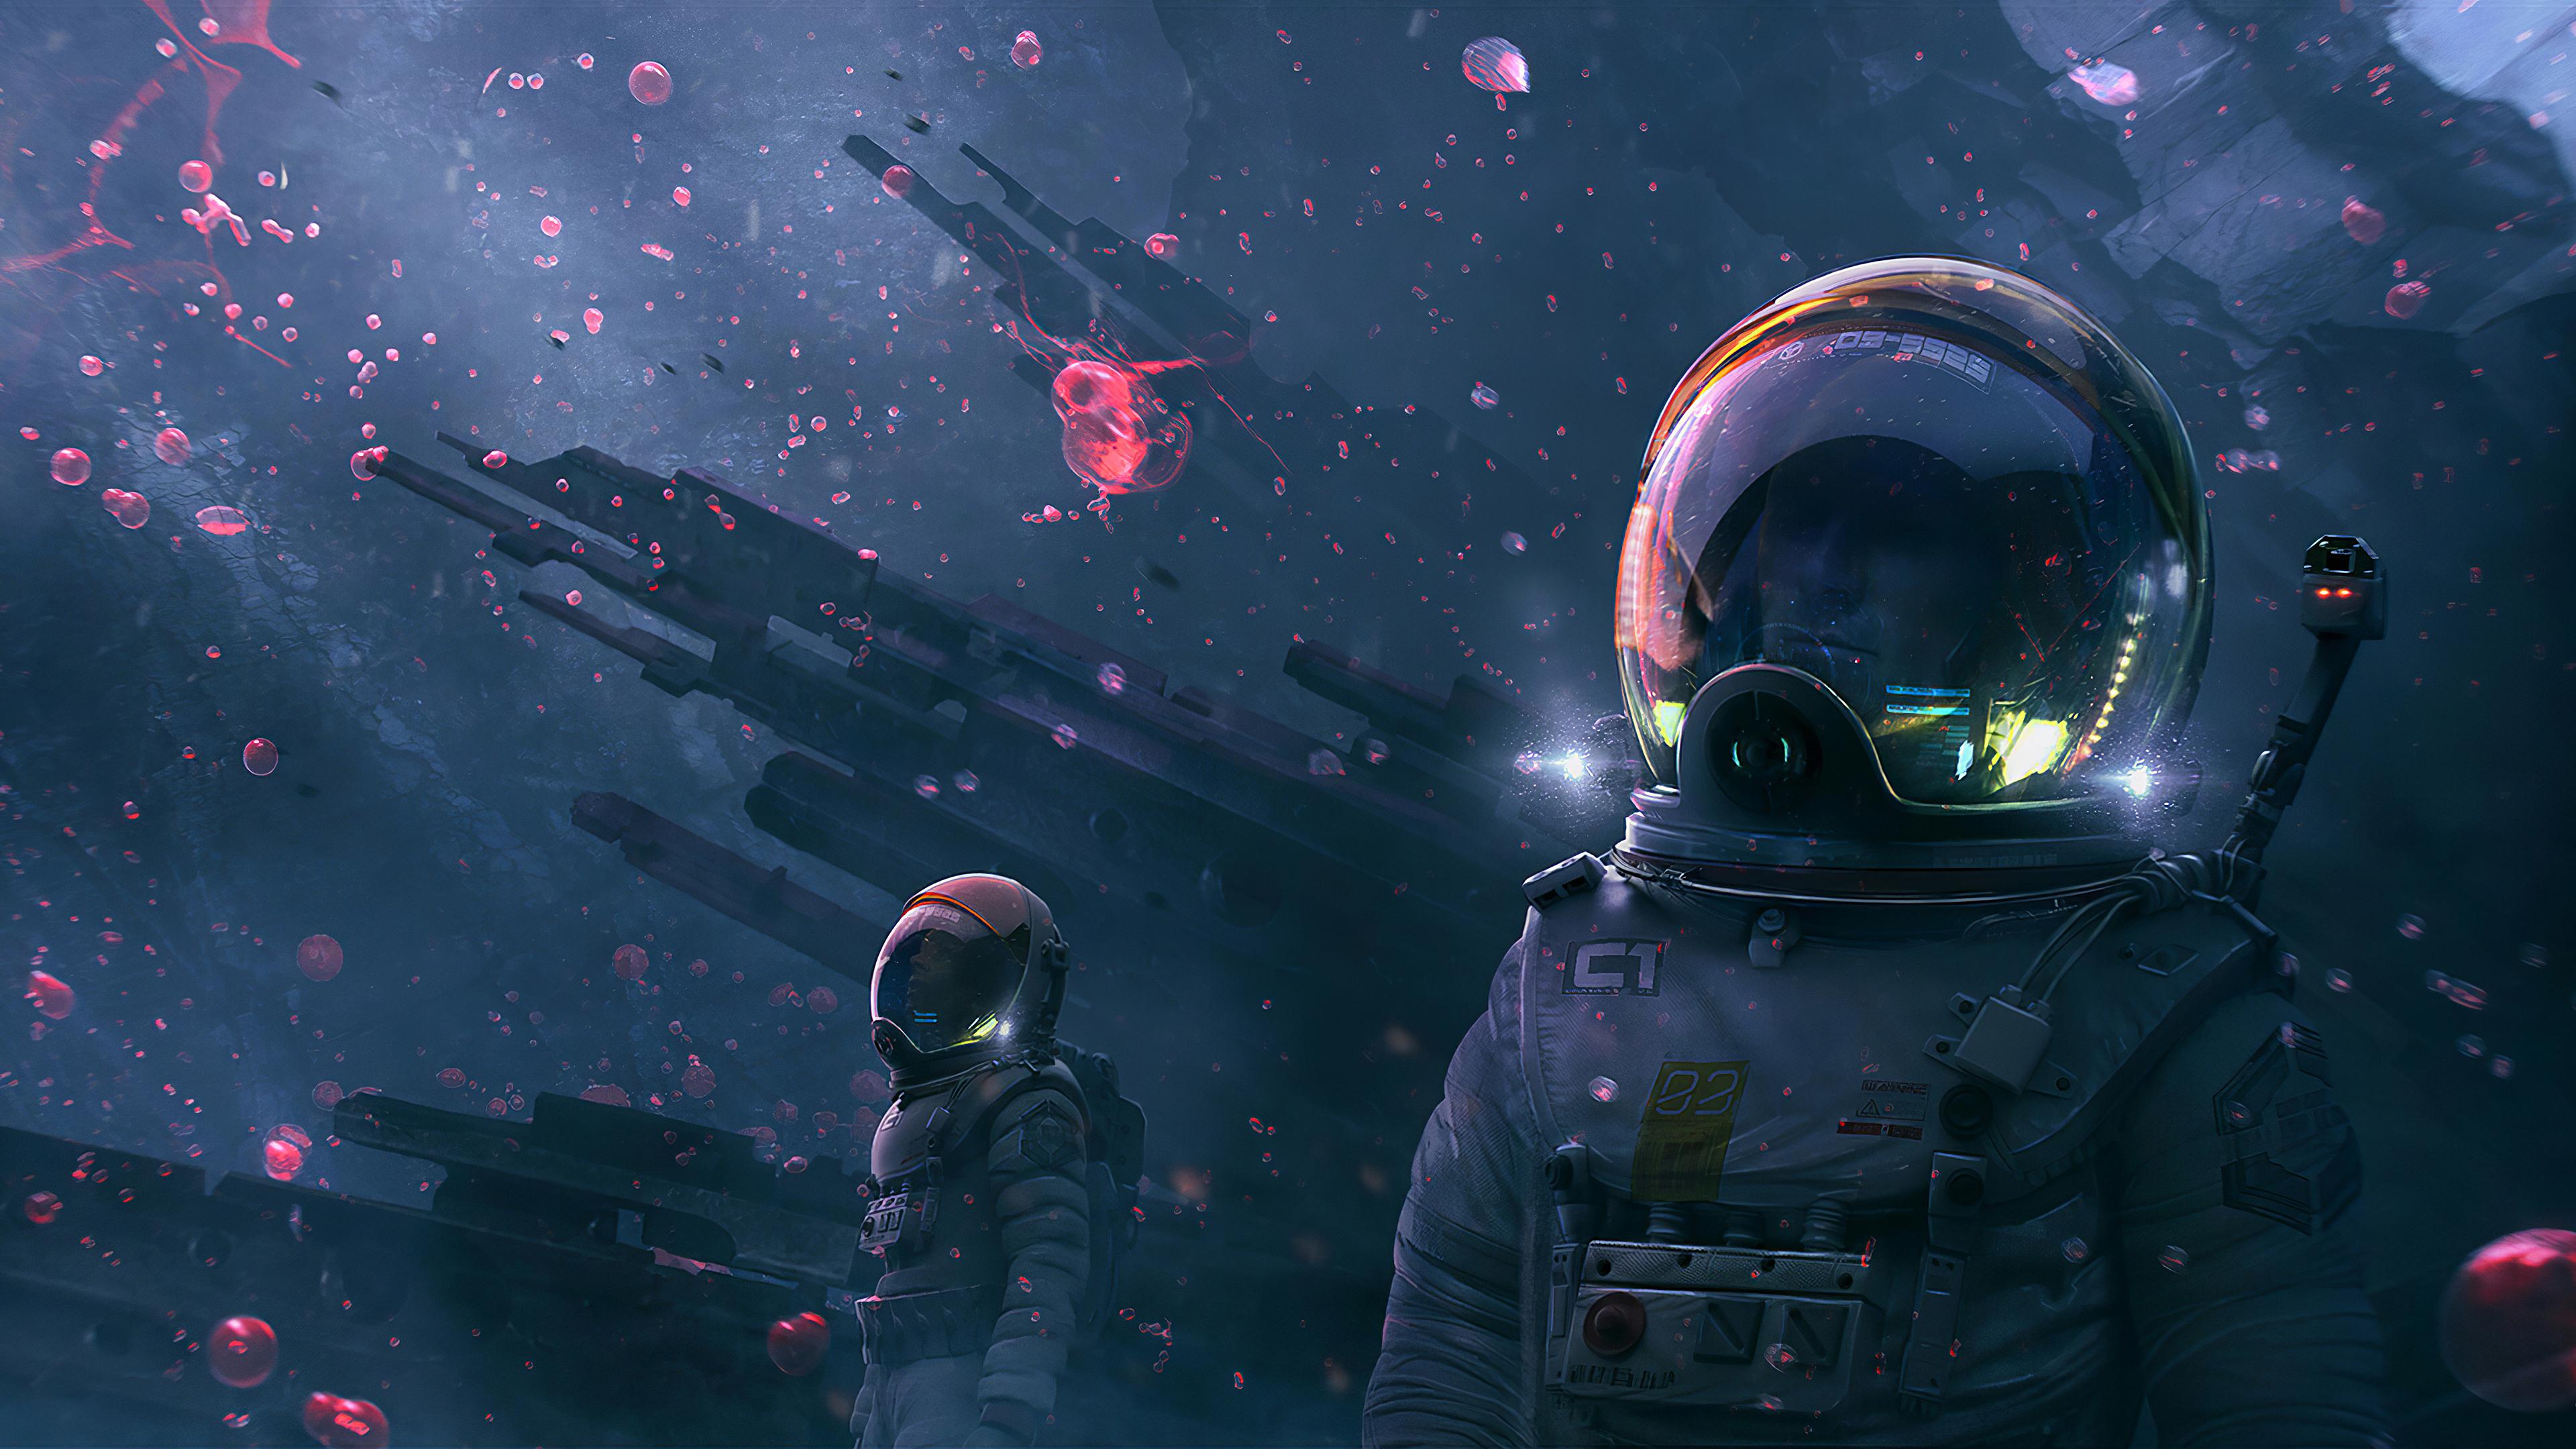 Astronaut Digital Art Wallpaper, HD Artist 12K Wallpapers, Images ...